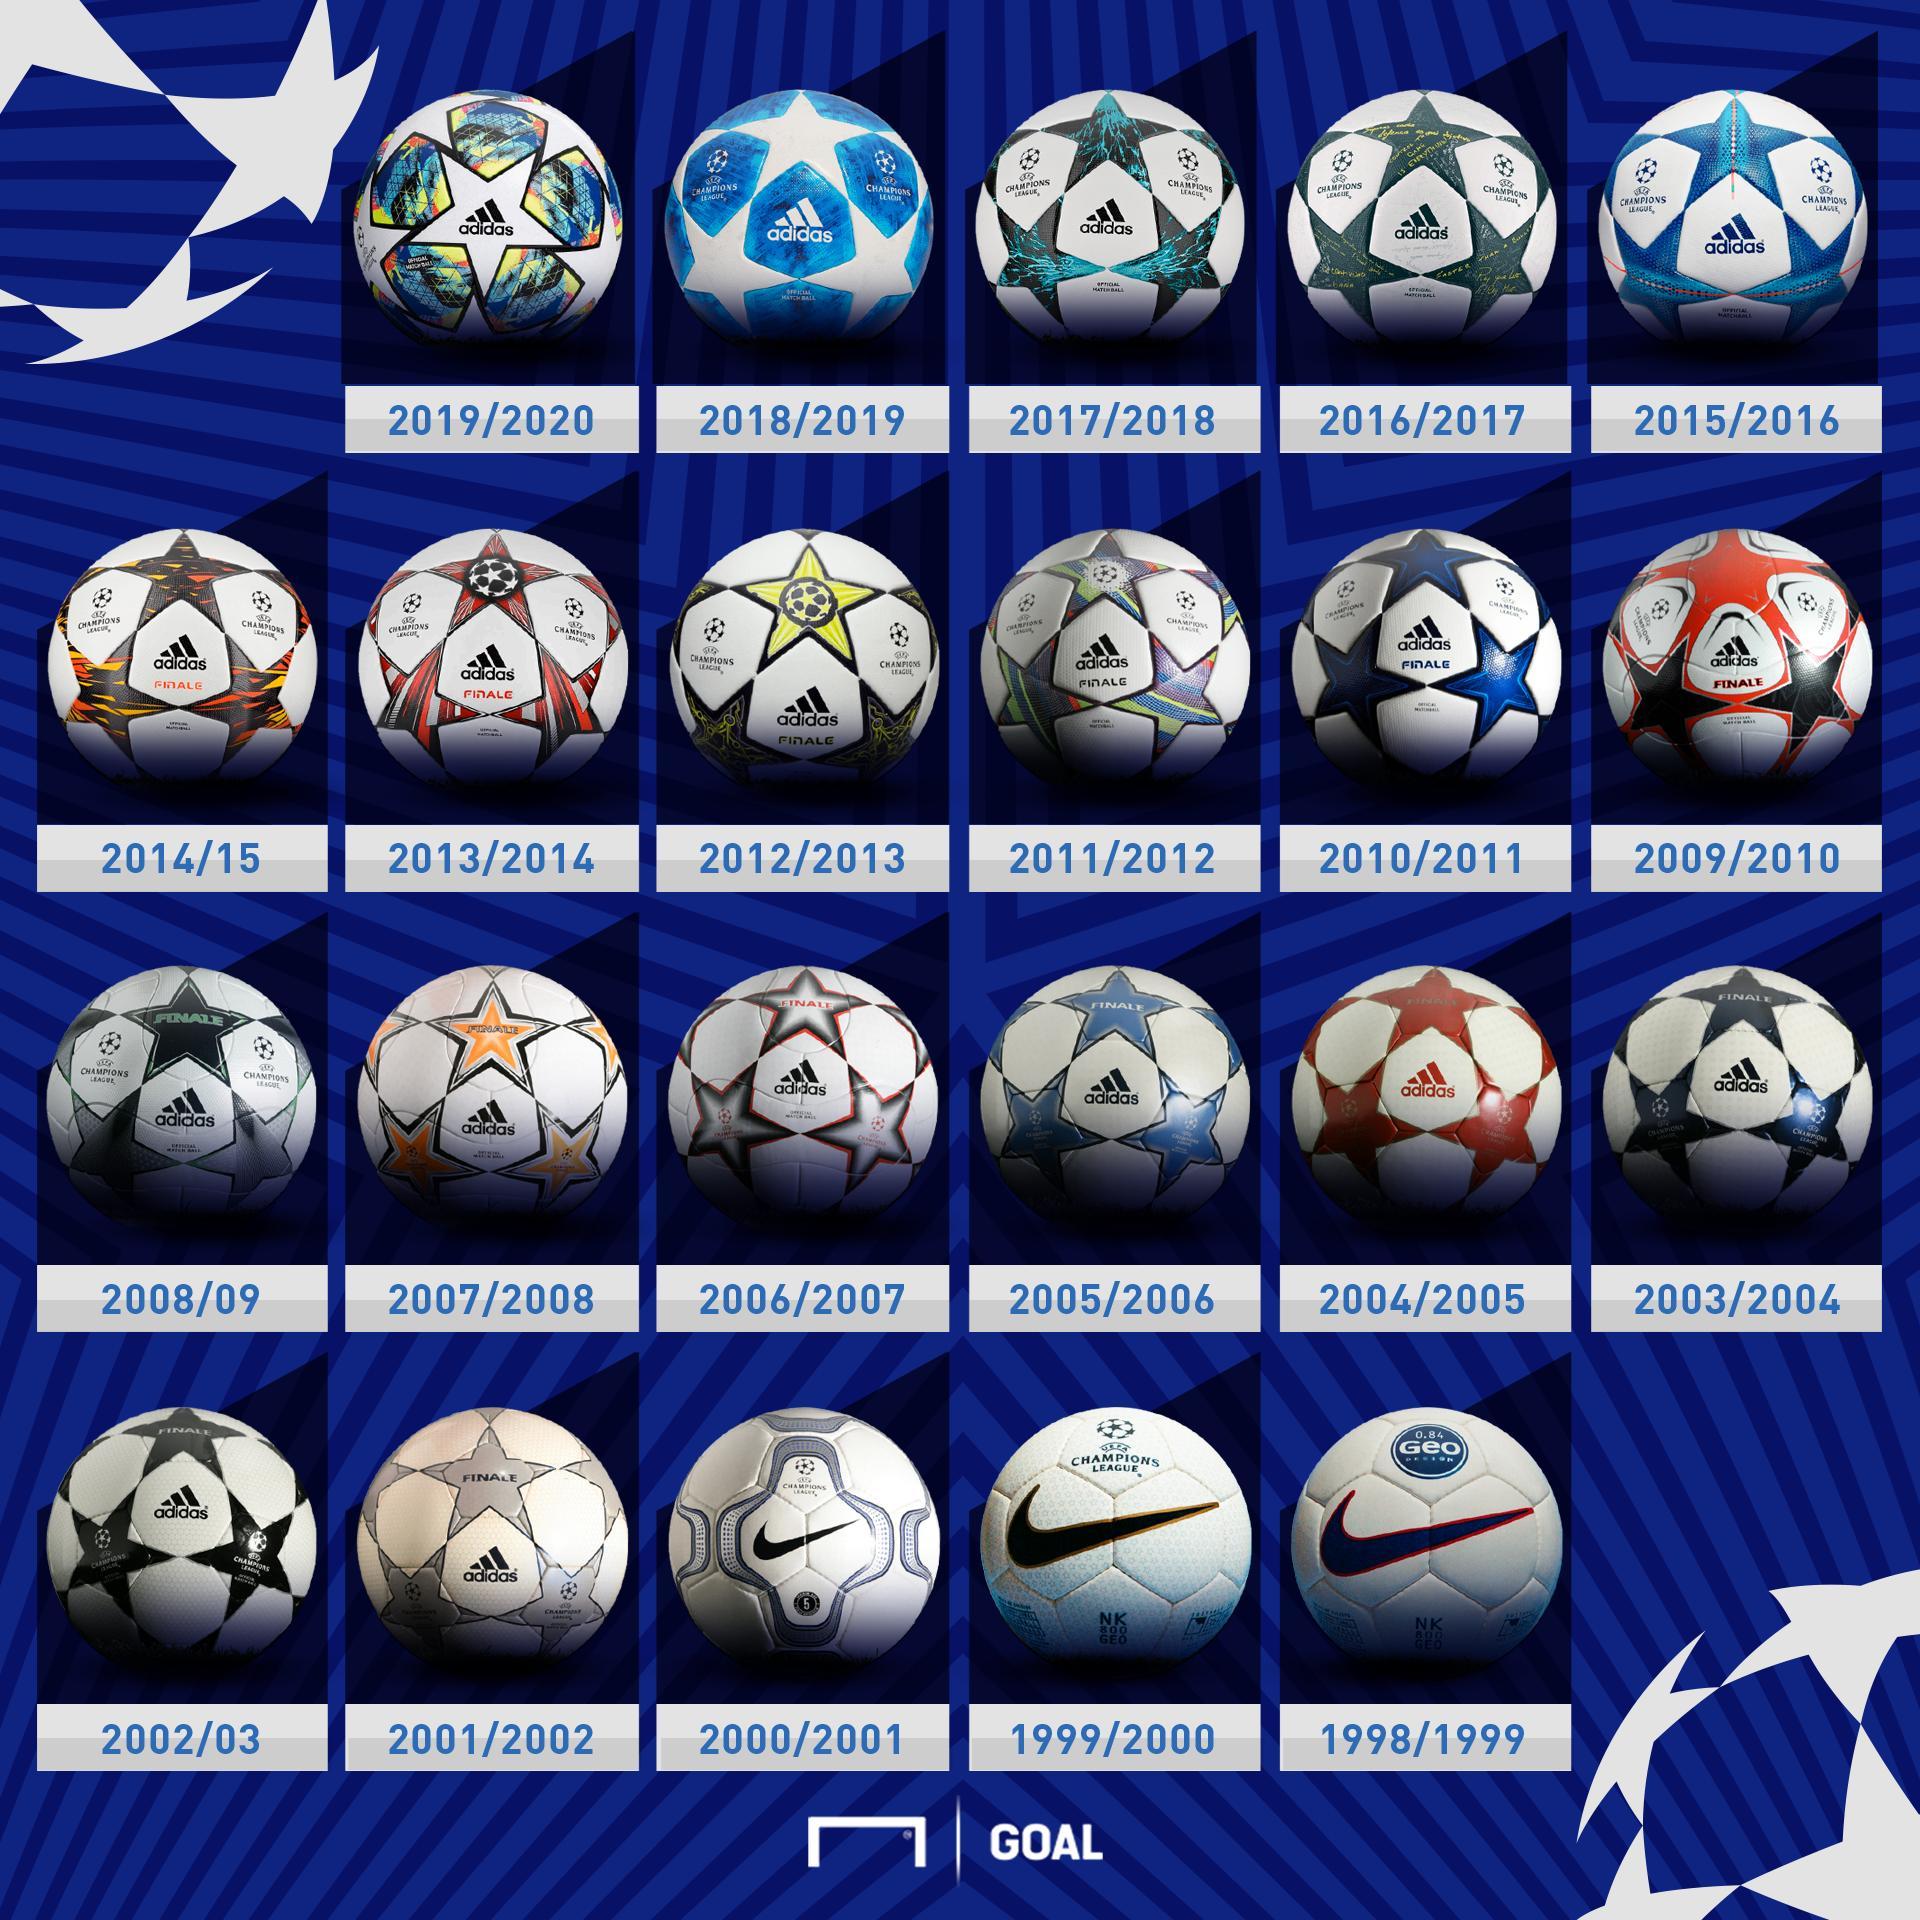 Bolas da Champions League: Todas as bolas